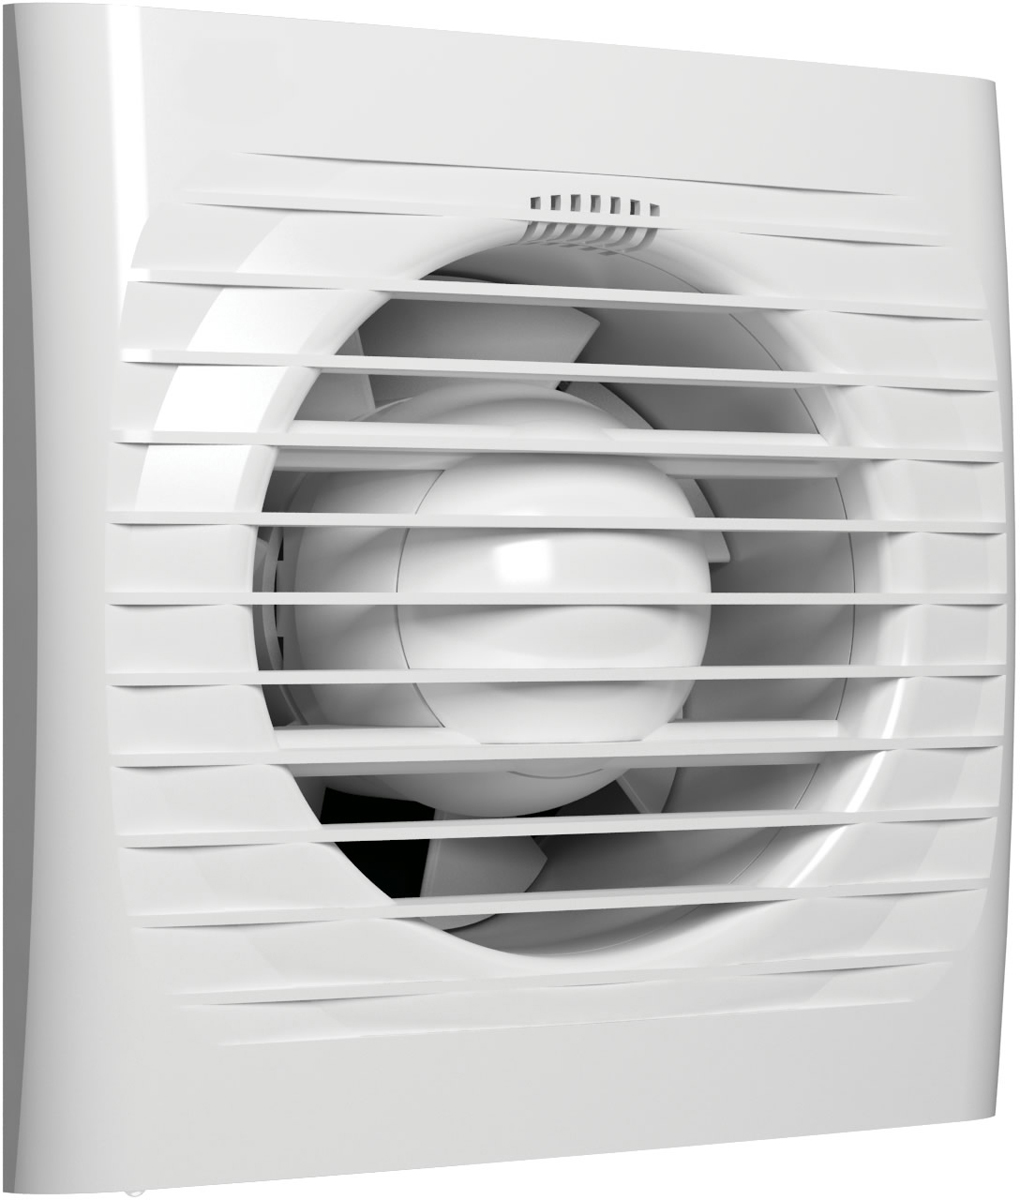 Auramax Optima 4 вентилятор осевойOPTIMA 4Вентилятор серии OPTIMA с диаметром фланца 100мм. OPTIMA - классическая линейка вентиляторов. Самая бюджетная серия вентиляторов, оснащенная самым простым набором функций и опций. Вентилятор выполнен в классическом дизайне, благодаря чему впишется в любой интерьер. Лицевая панель, корпус и крыльчатка изготовлены из высококачественного пластика.Классического белого цвета.